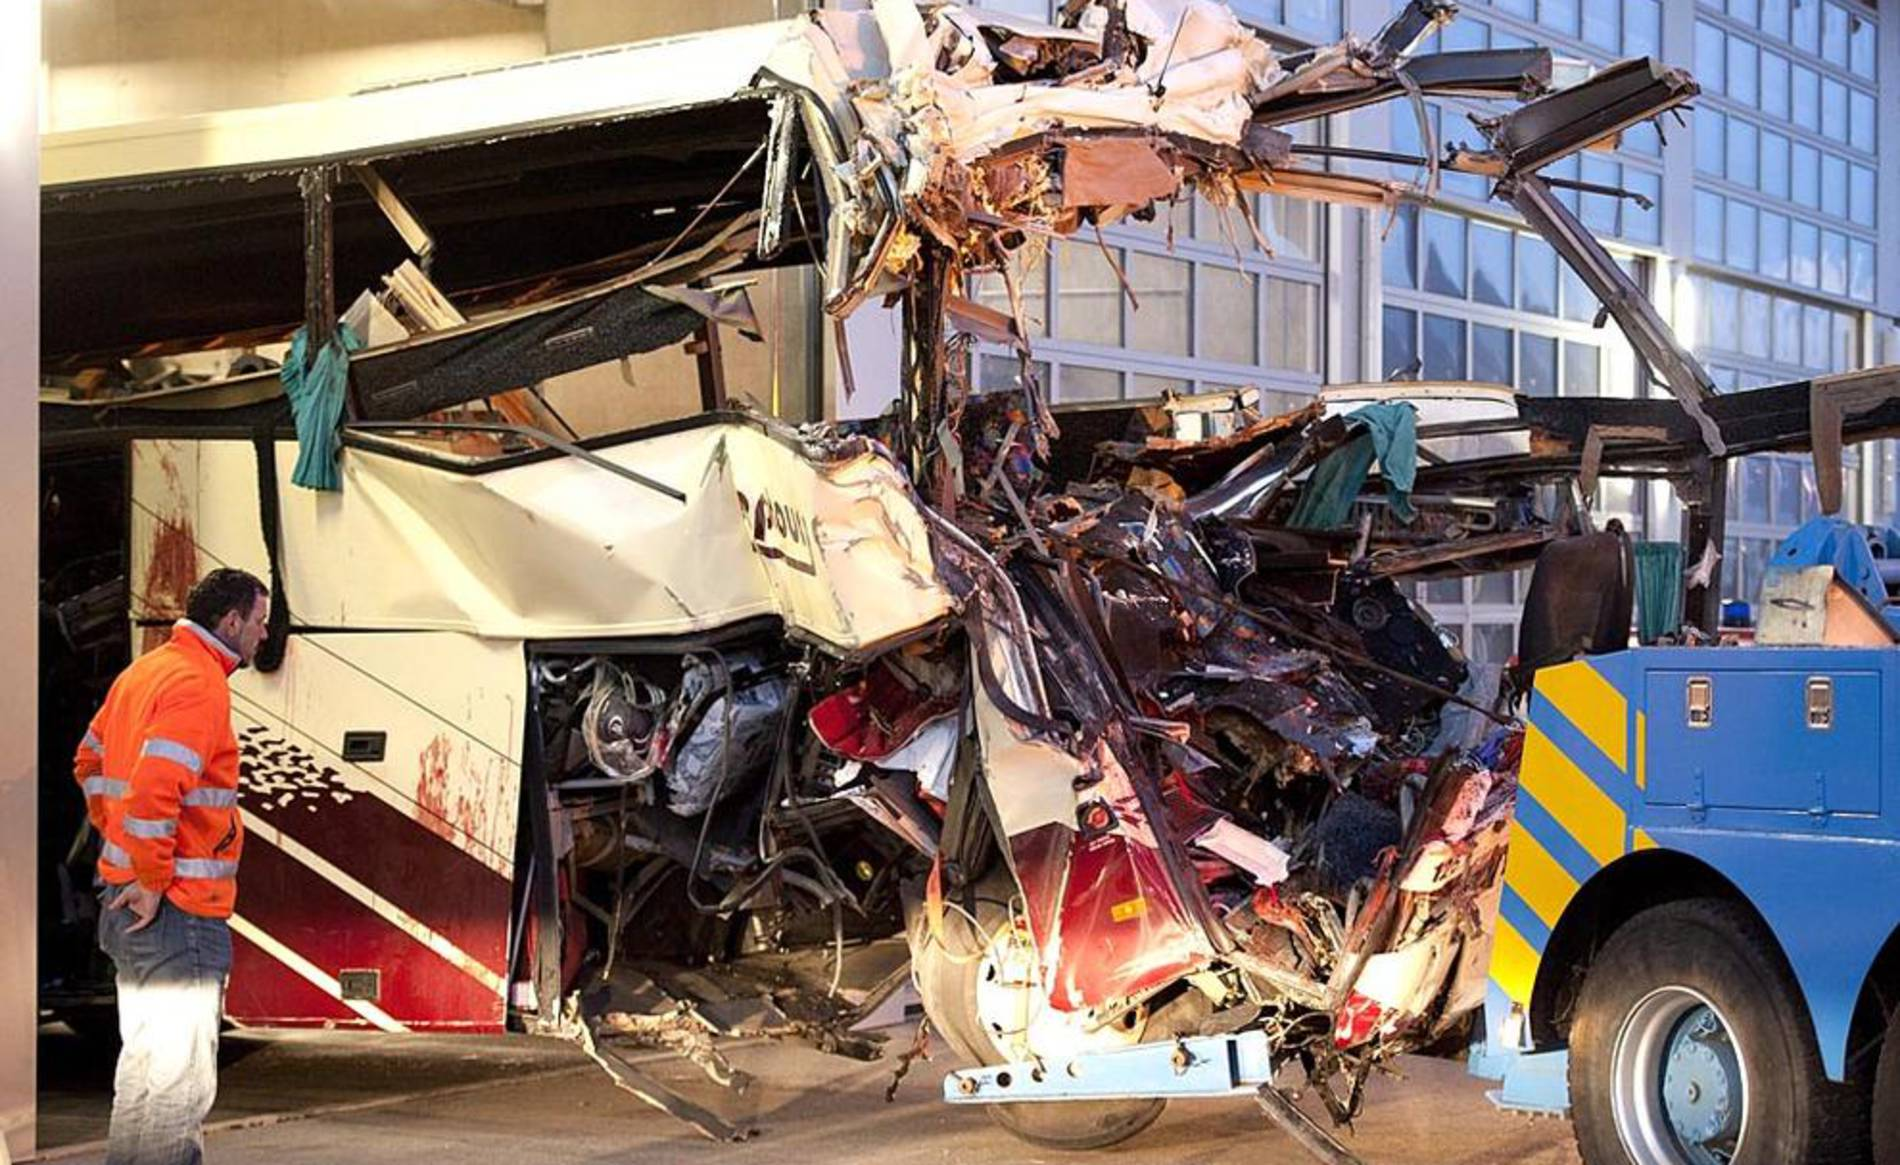 Accidente en Suiza (1/35) - Varias imágenes del accidente de un autobus en Suiza - Internacional -